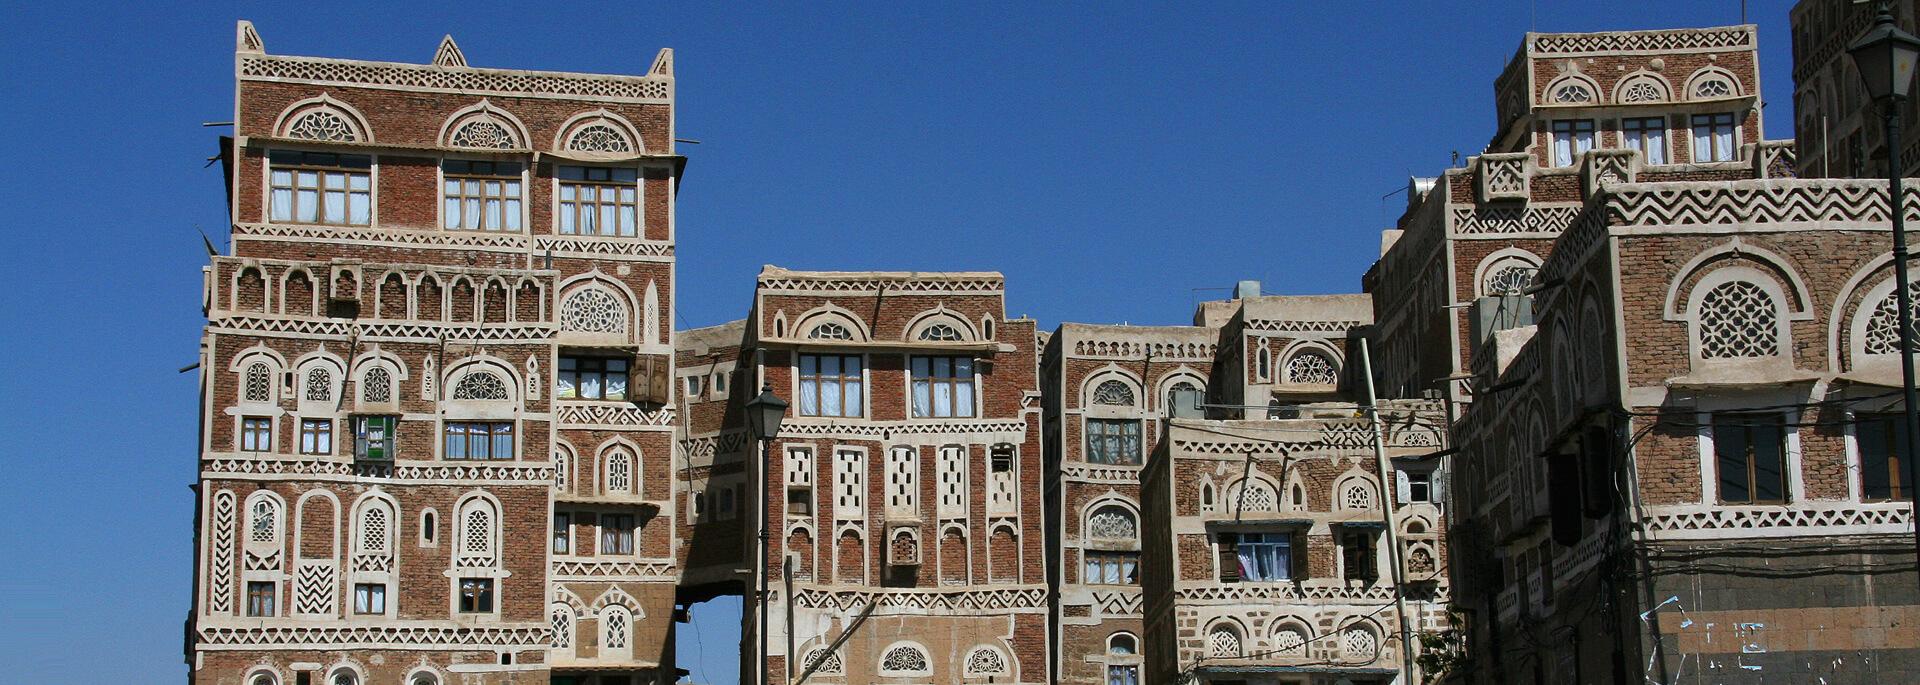 Wie ich in der Hauptstadt des Jemen Weihrauch, Kat-Kauer und Lehmhäuser sah